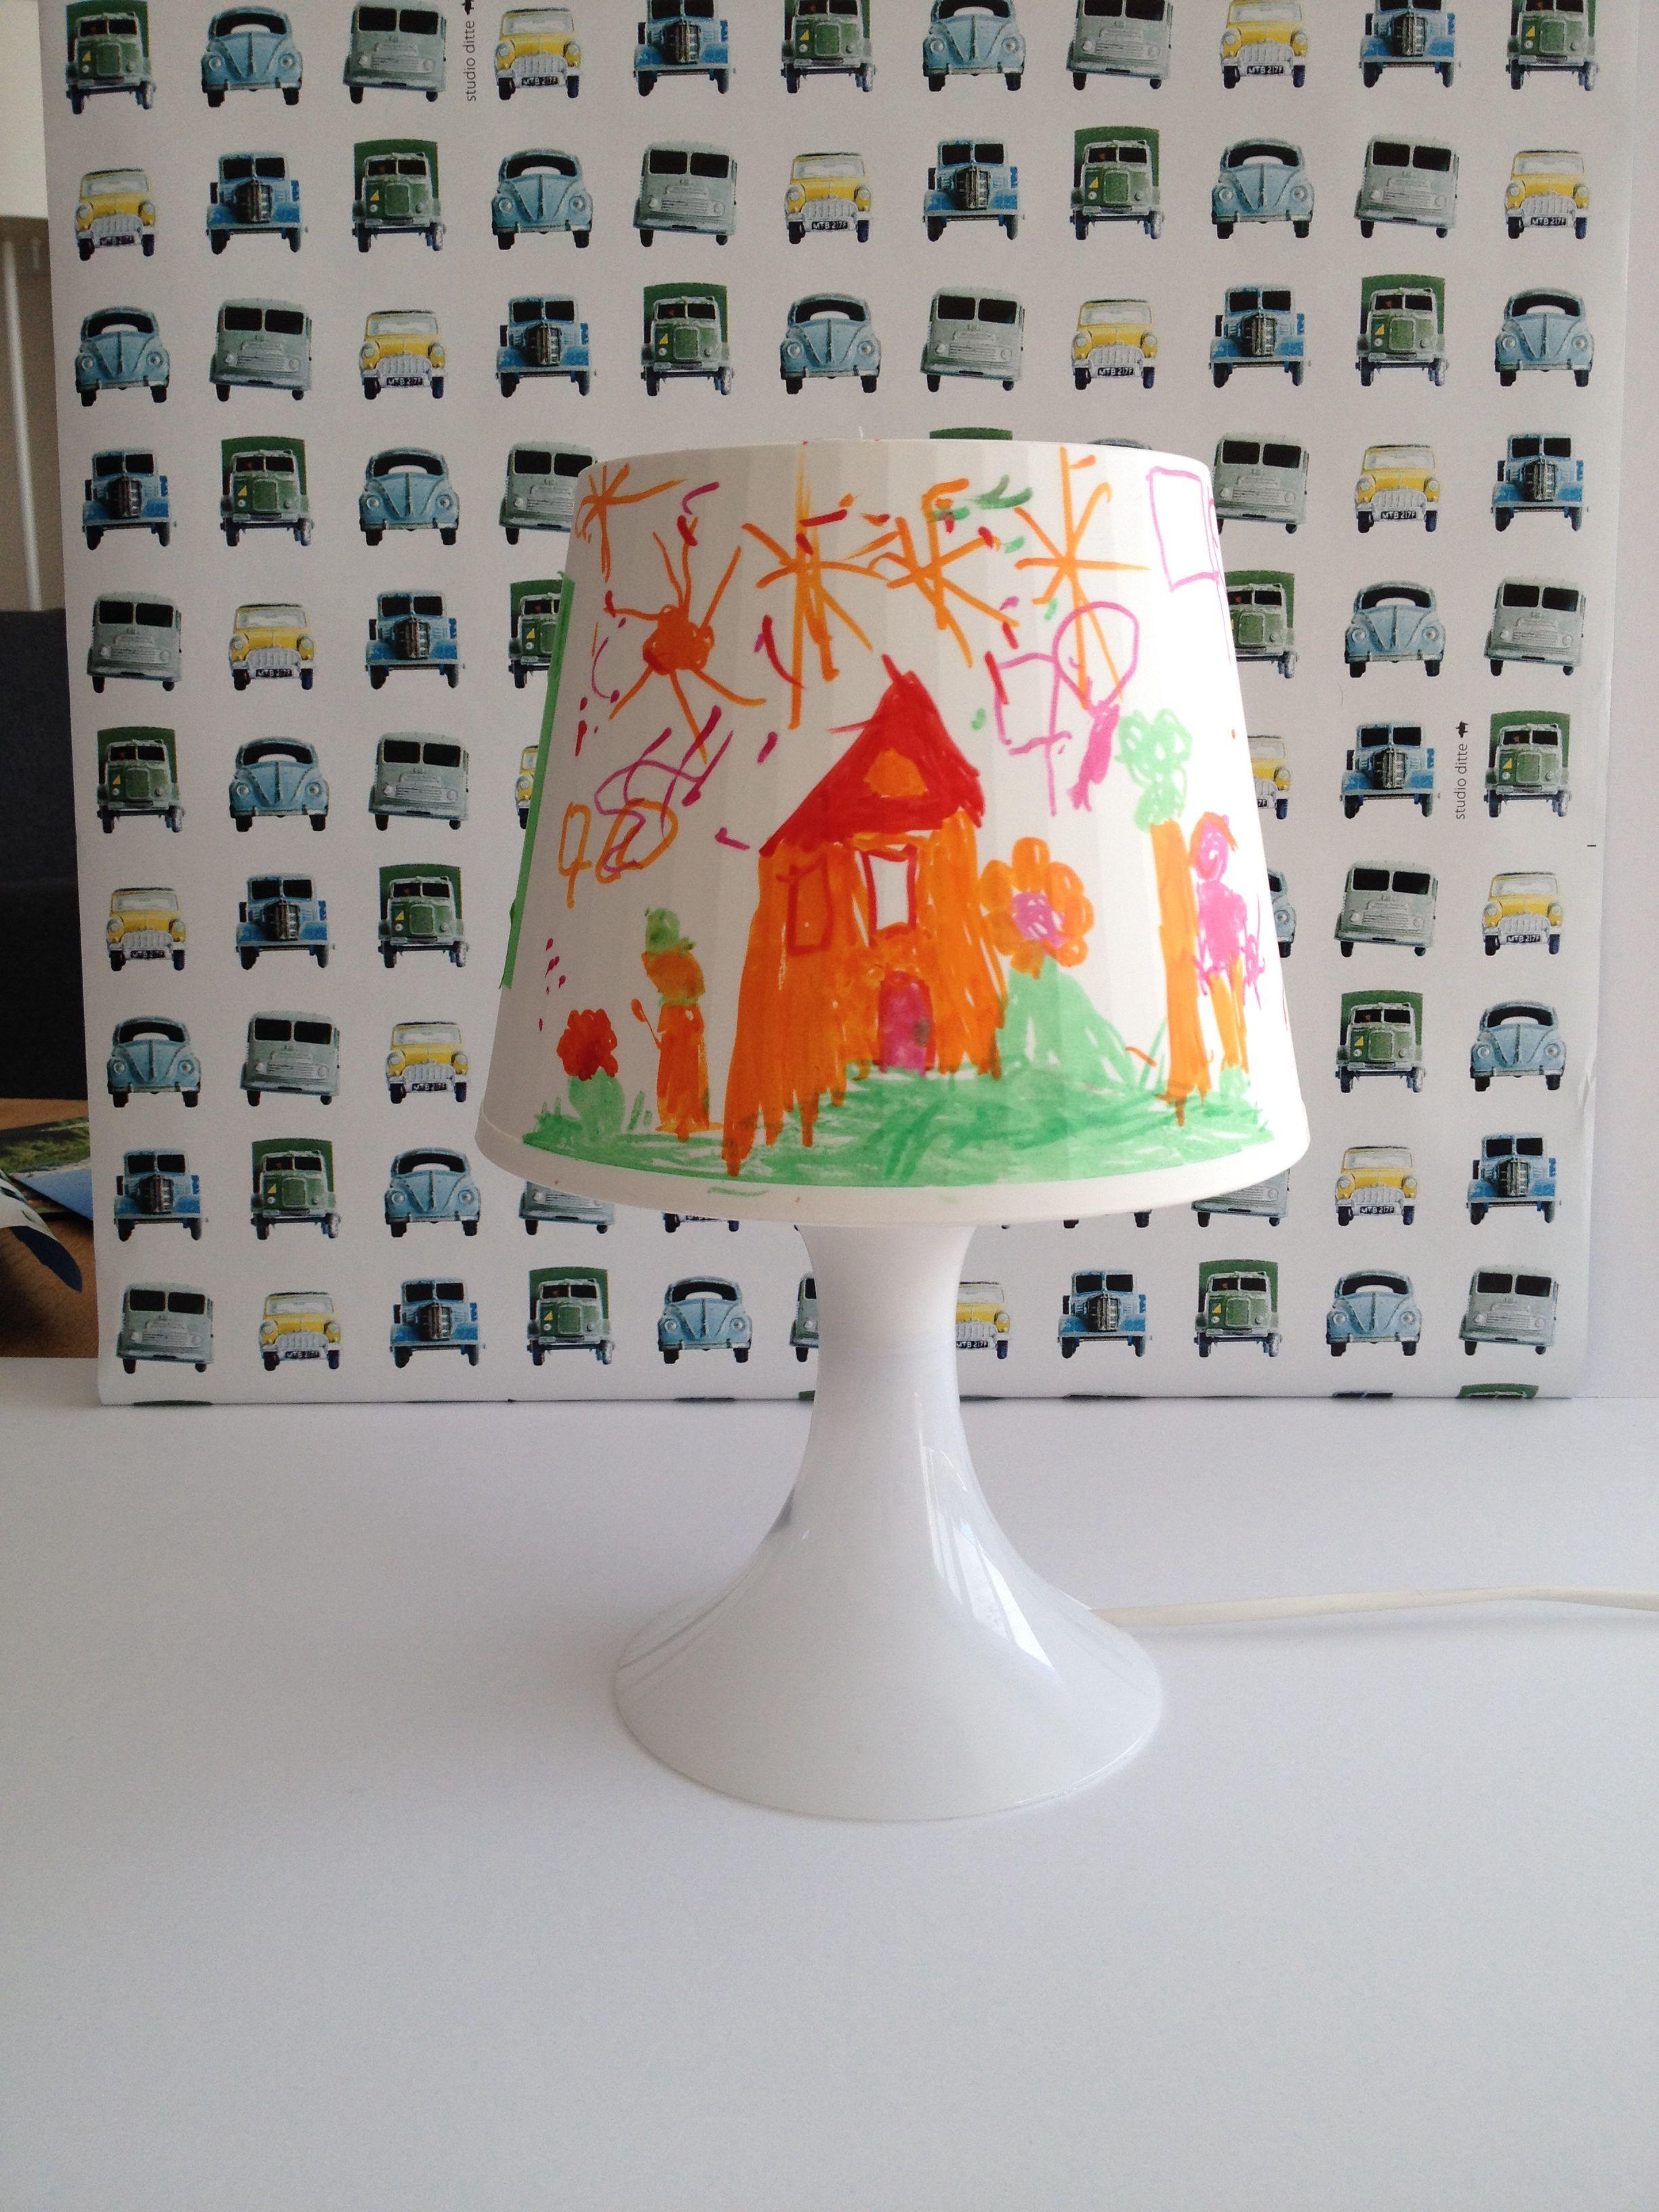 Een leuk idee voor een kadootje voor papa mama oma of opa een lamp met tekeningen van de - Idee voor volwassenen ...